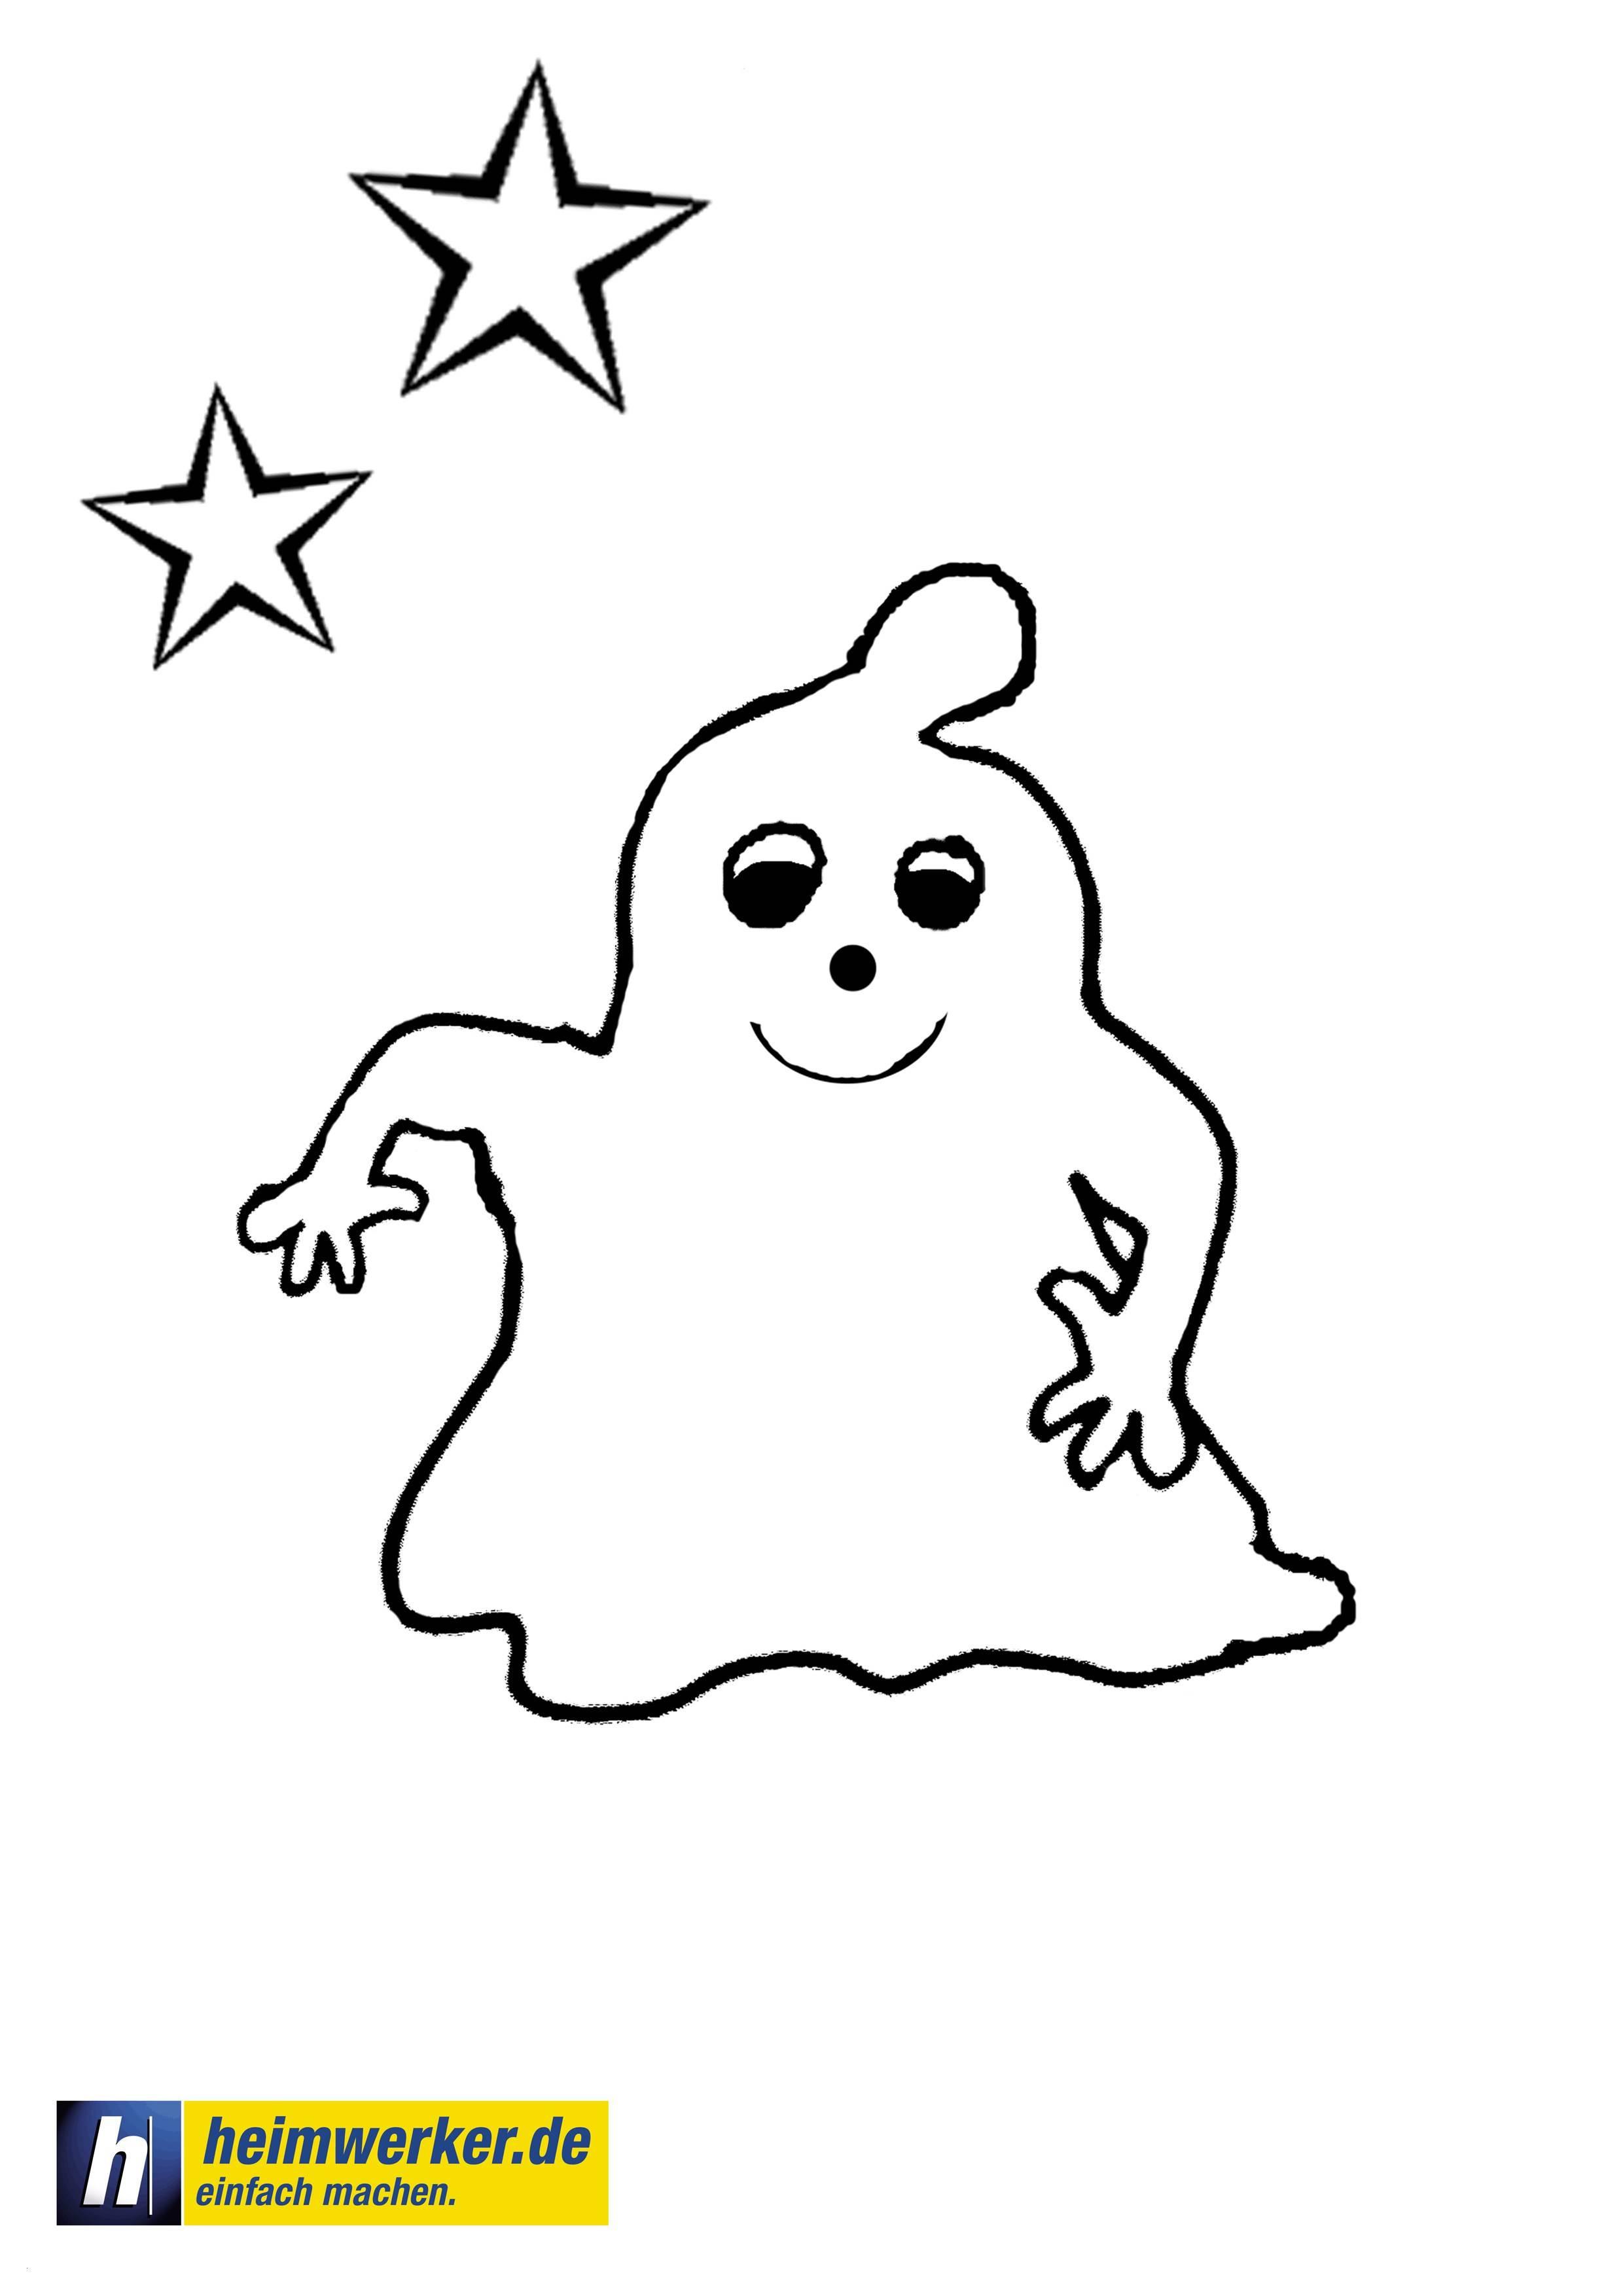 Malvorlagen Halloween Geist Das Beste Von Halloween Gespenst Vorlage Halloween Mobile Basteln Luxus Sammlung